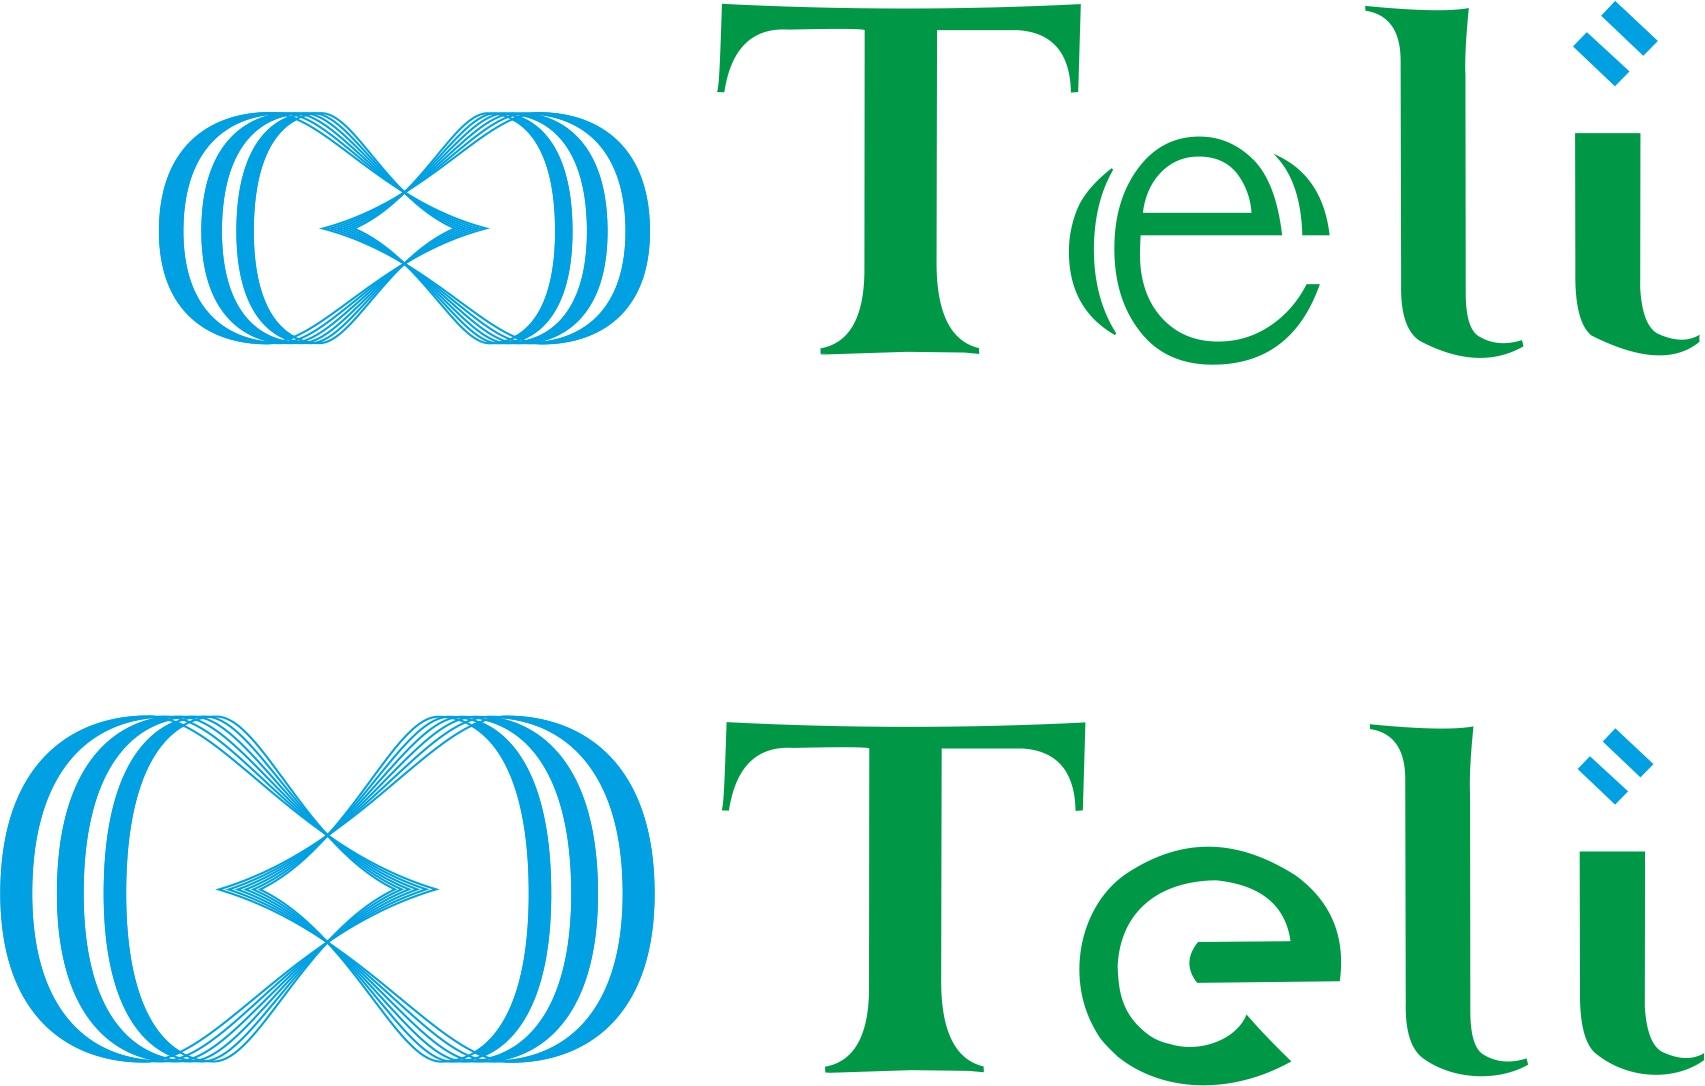 Разработка логотипа и фирменного стиля фото f_20458f9e8d7867fd.jpg